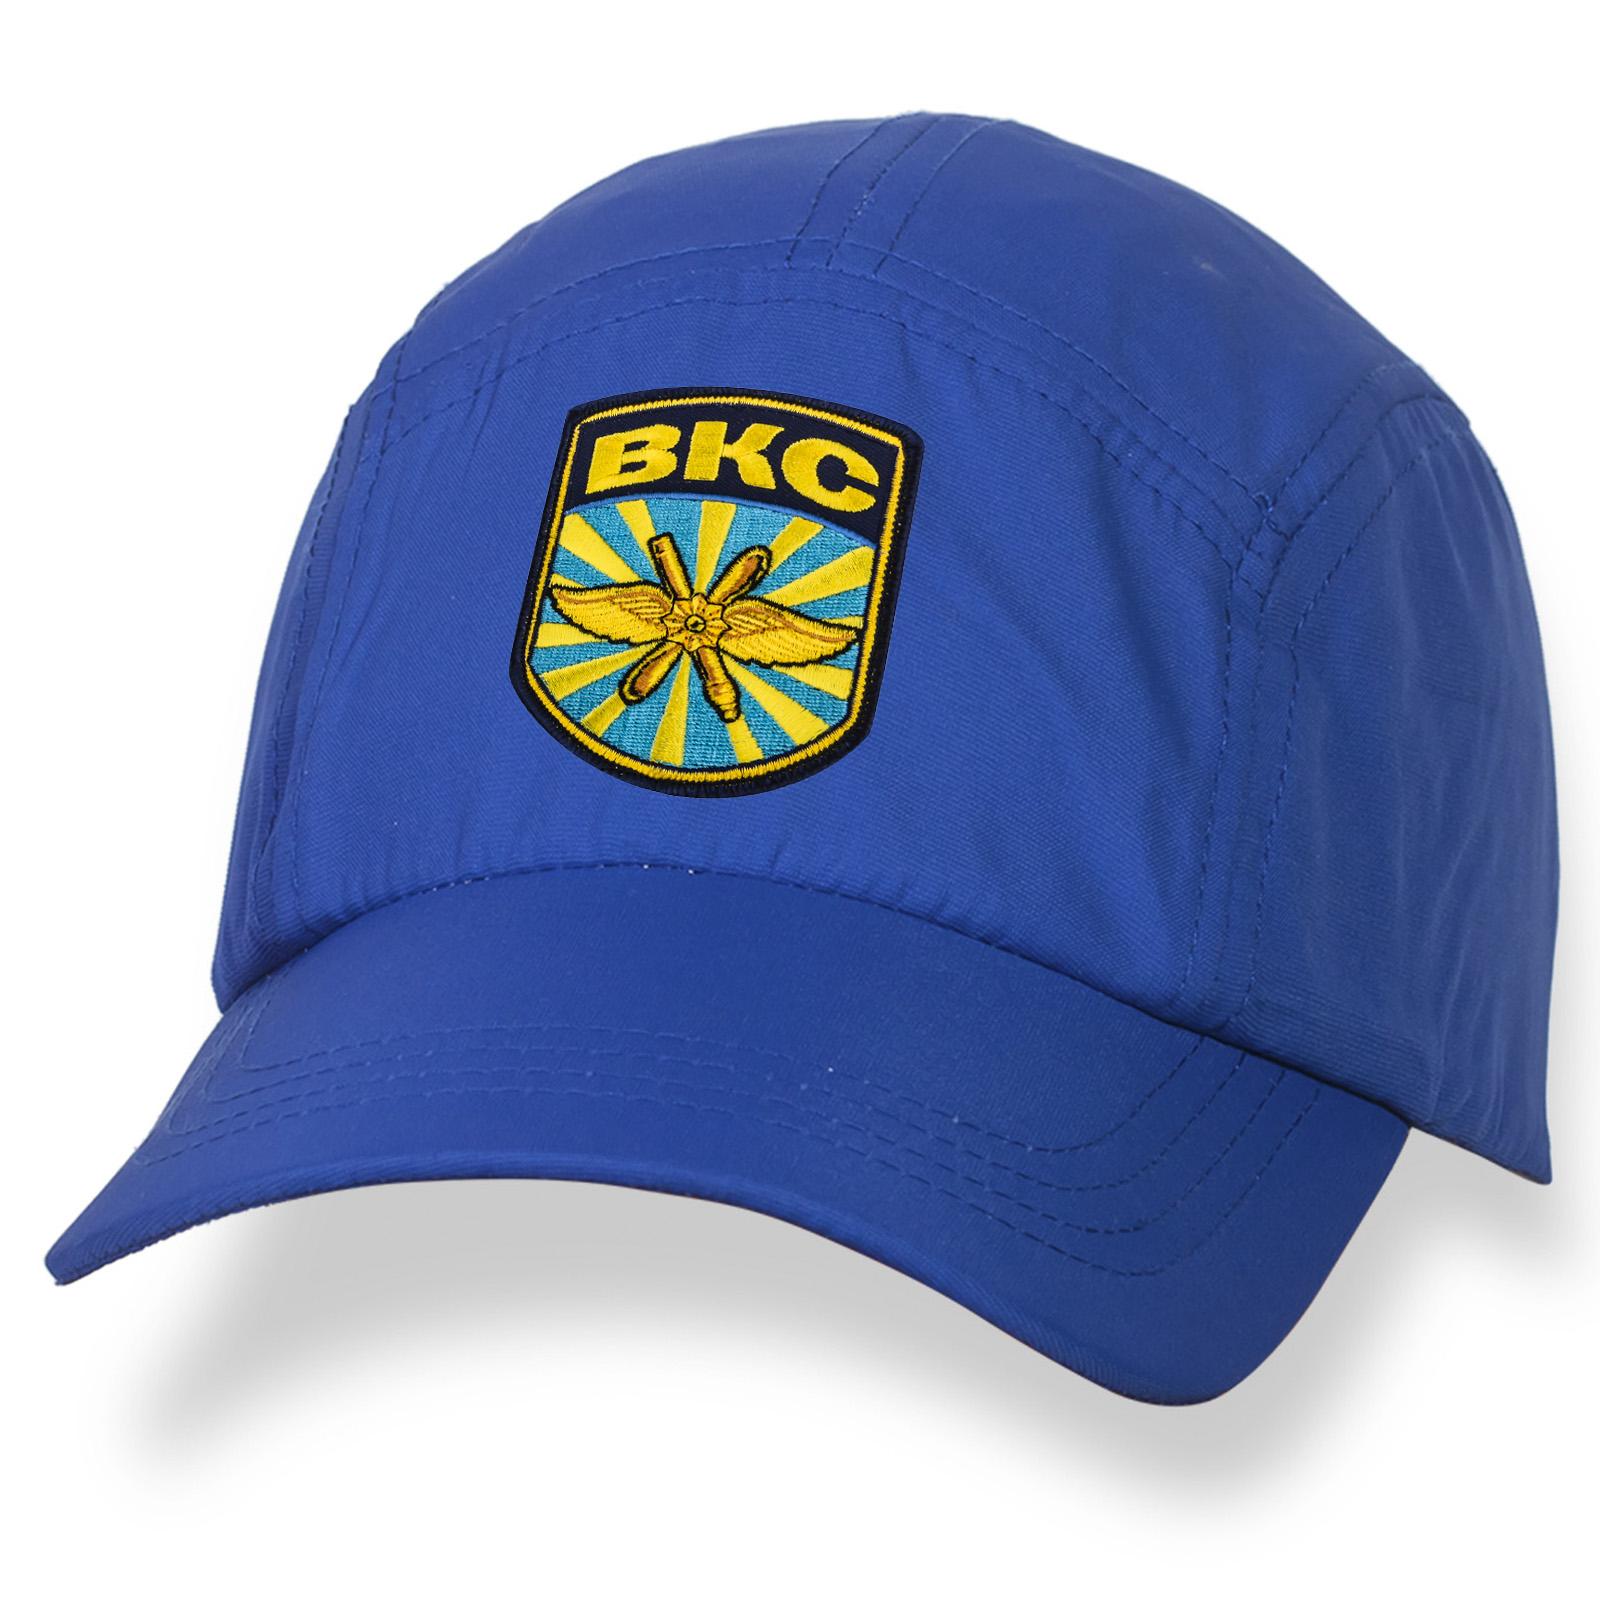 Насыщенно-синяя бейсболка с вышитой символикой ВКС.